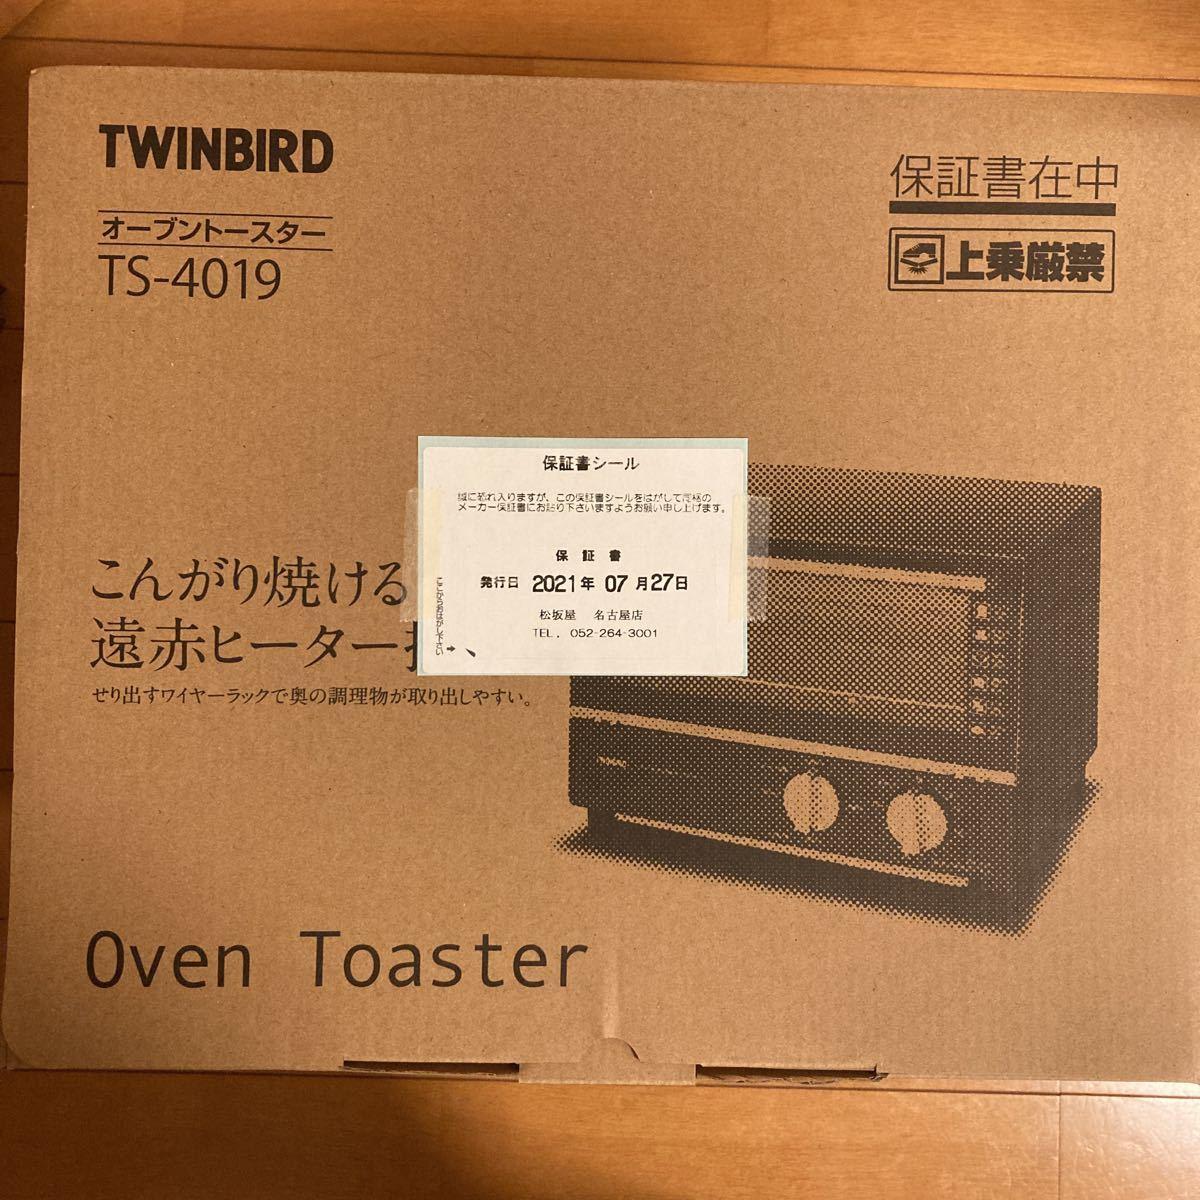 新品 オーブントースター ツインバード ブラック